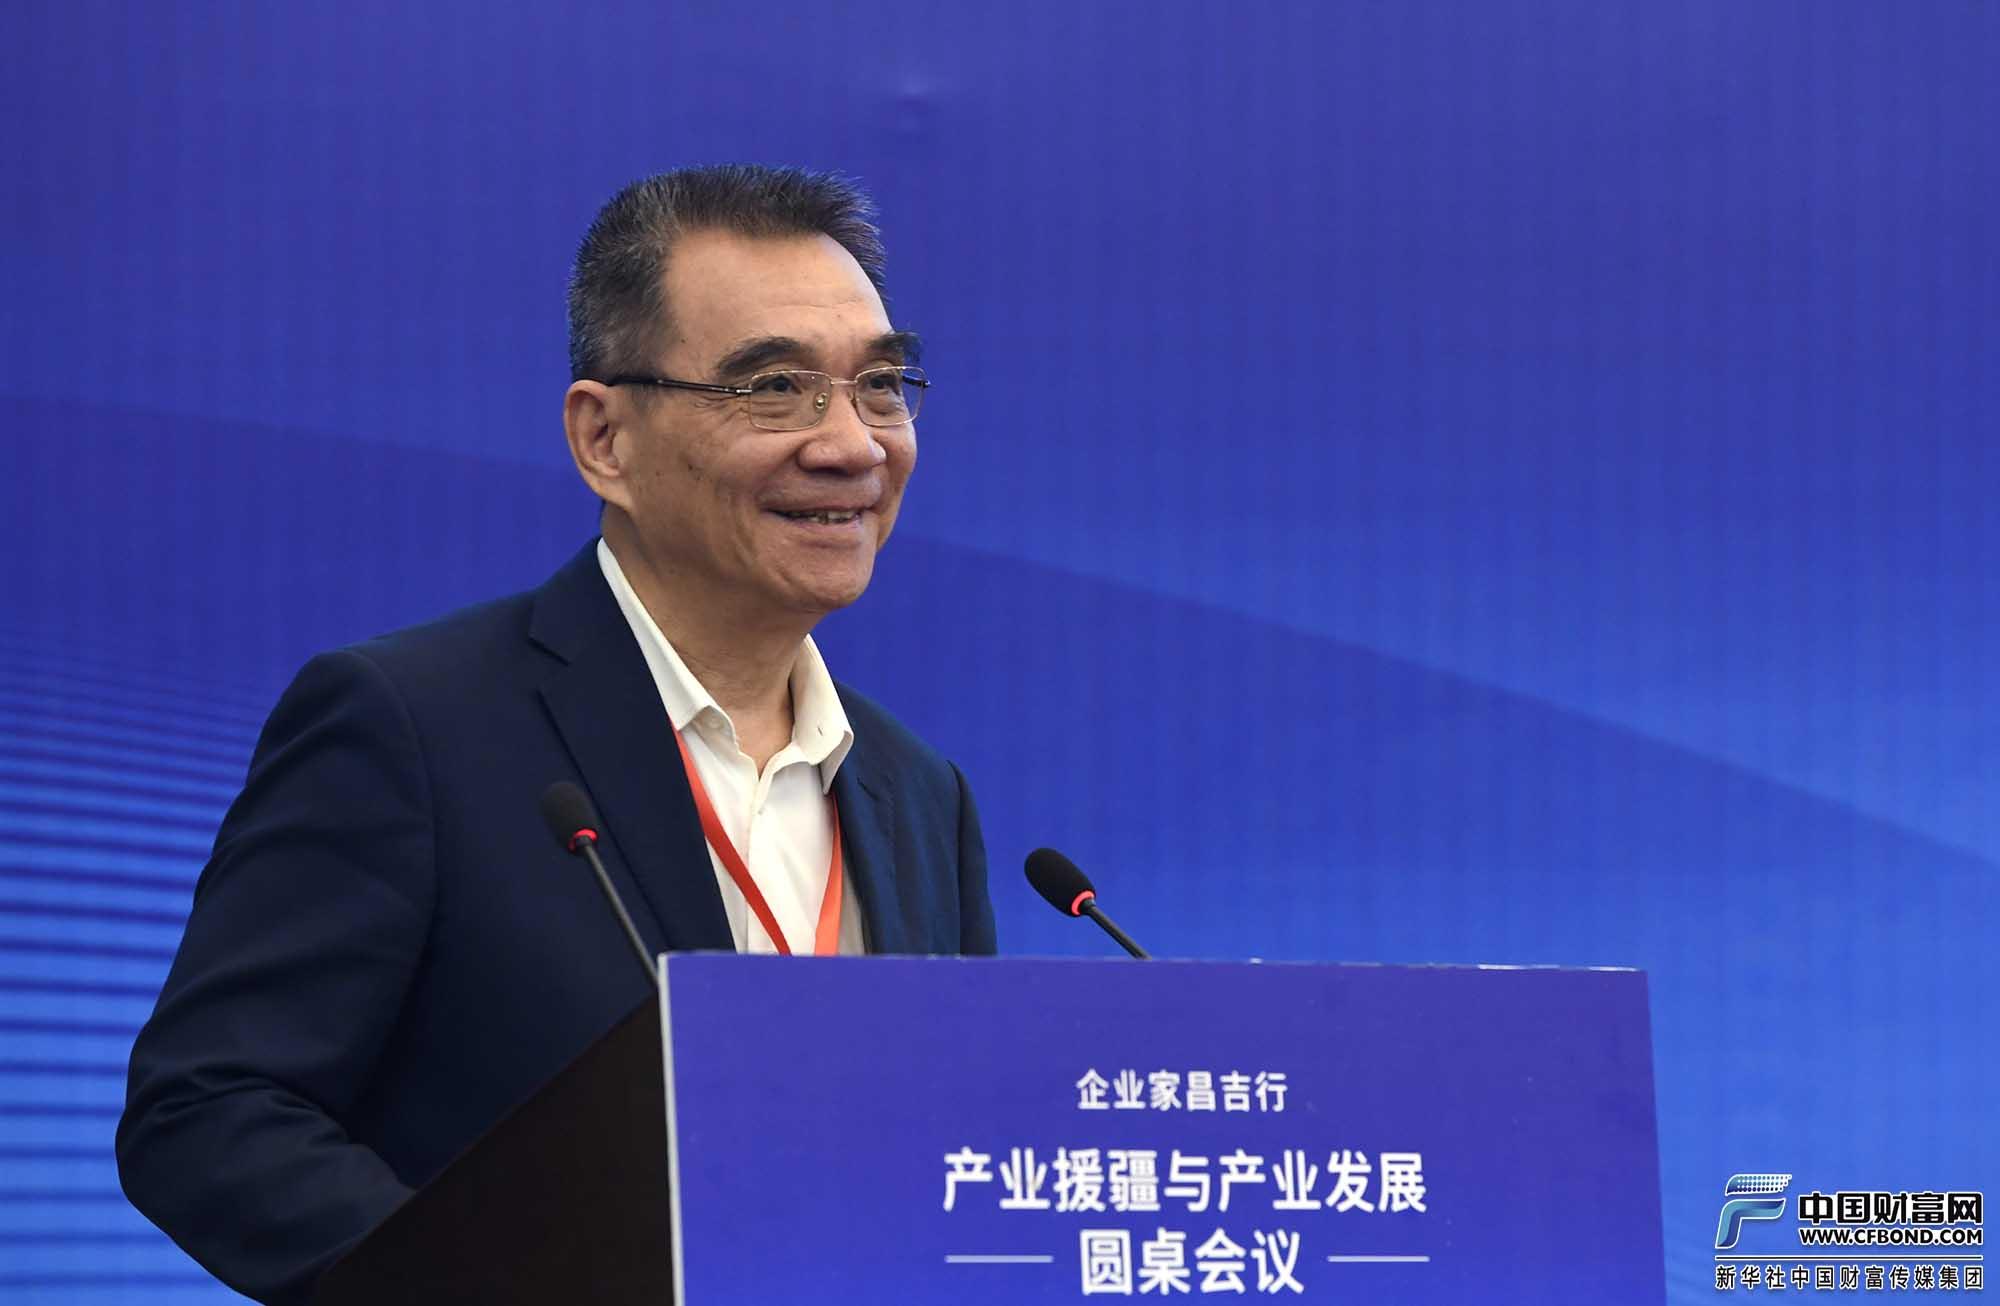 全国工商联兼职副主席林毅夫演讲